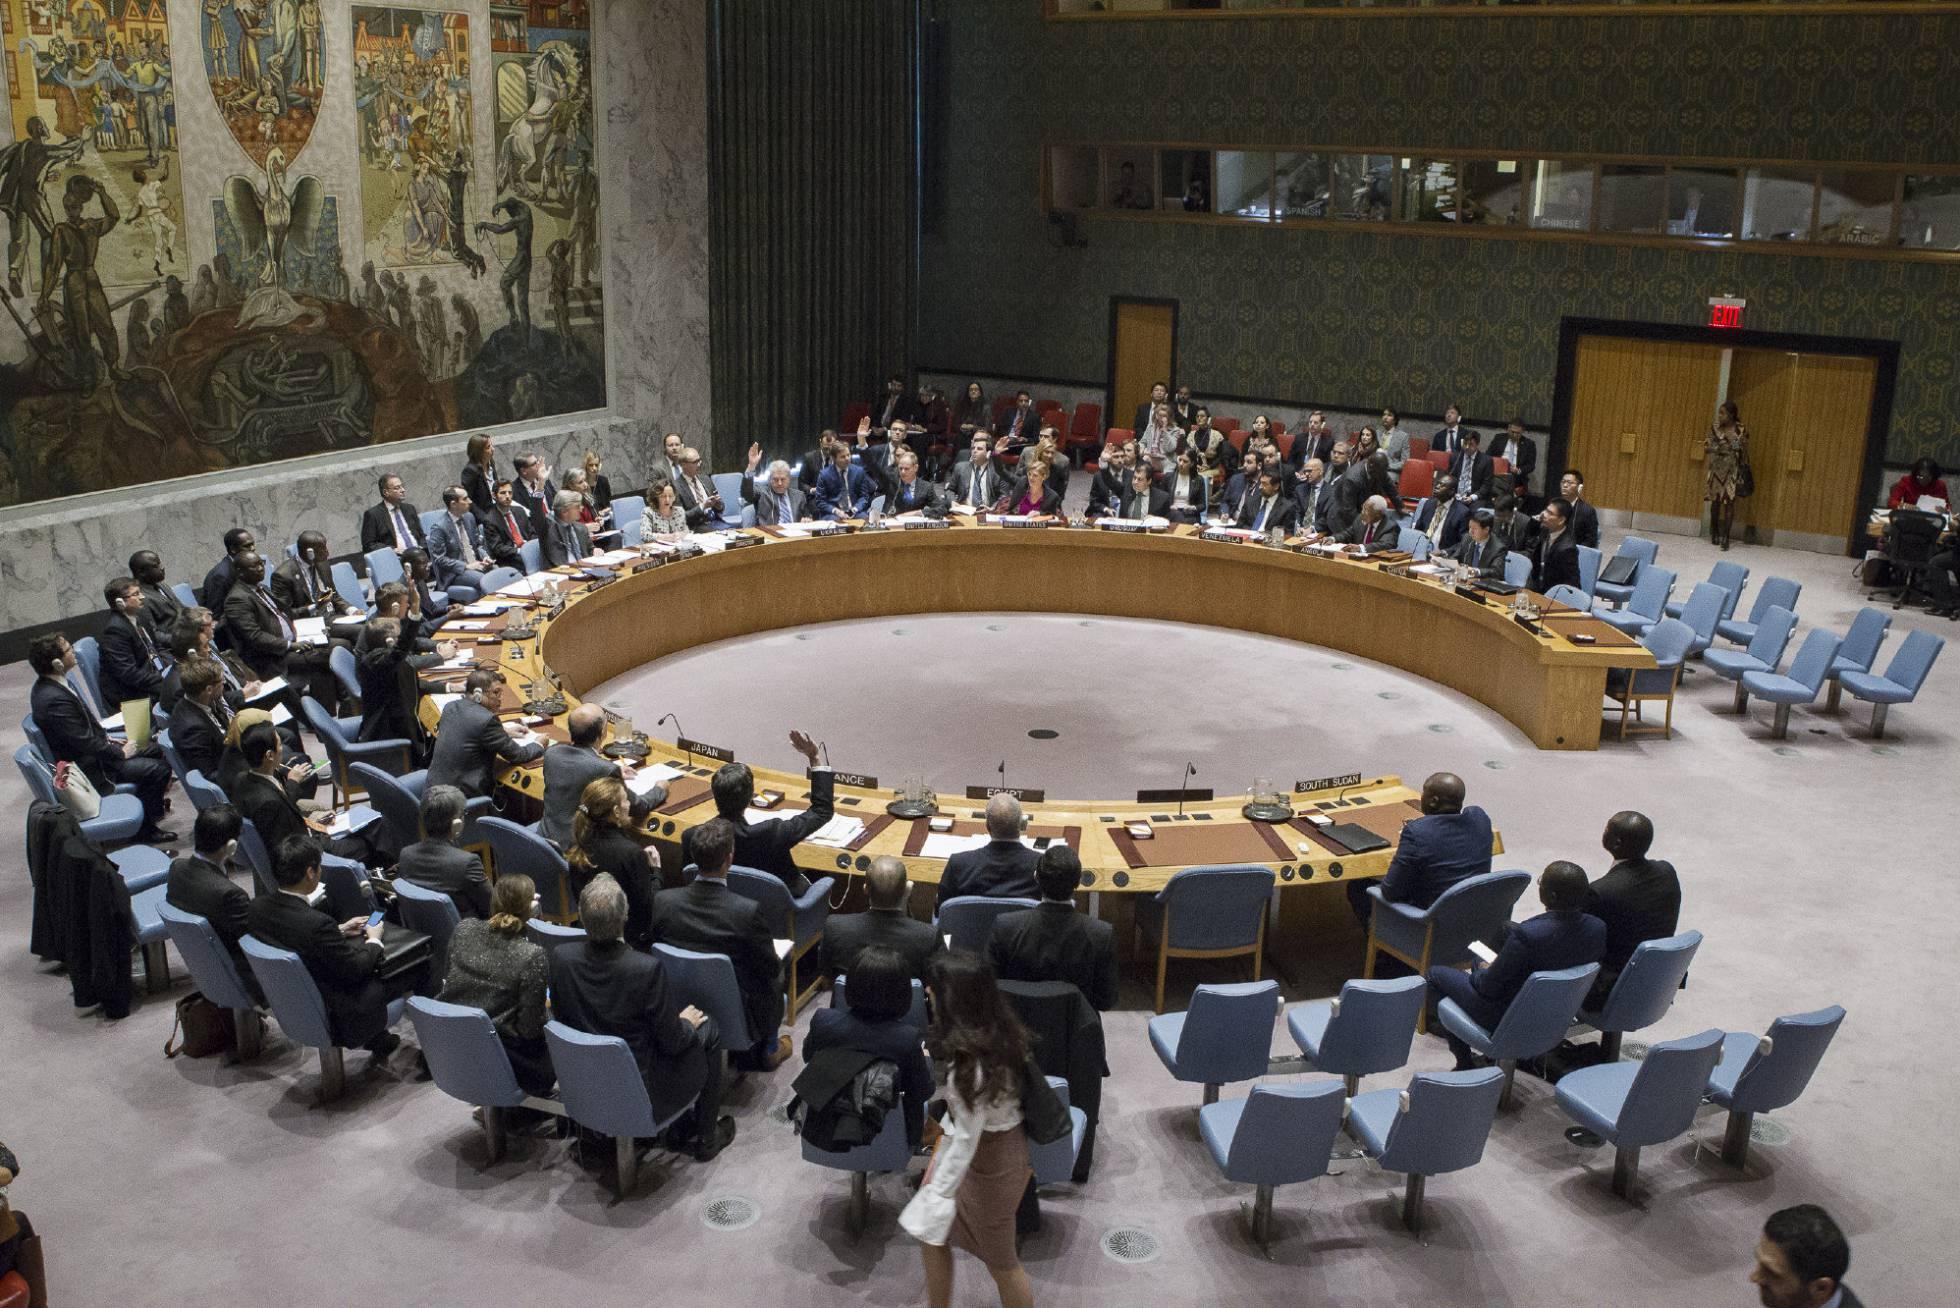 El Consejo de Seguridad de la ONU aprueba la resolución anti-asentamiento. EE.UU. se abstiene